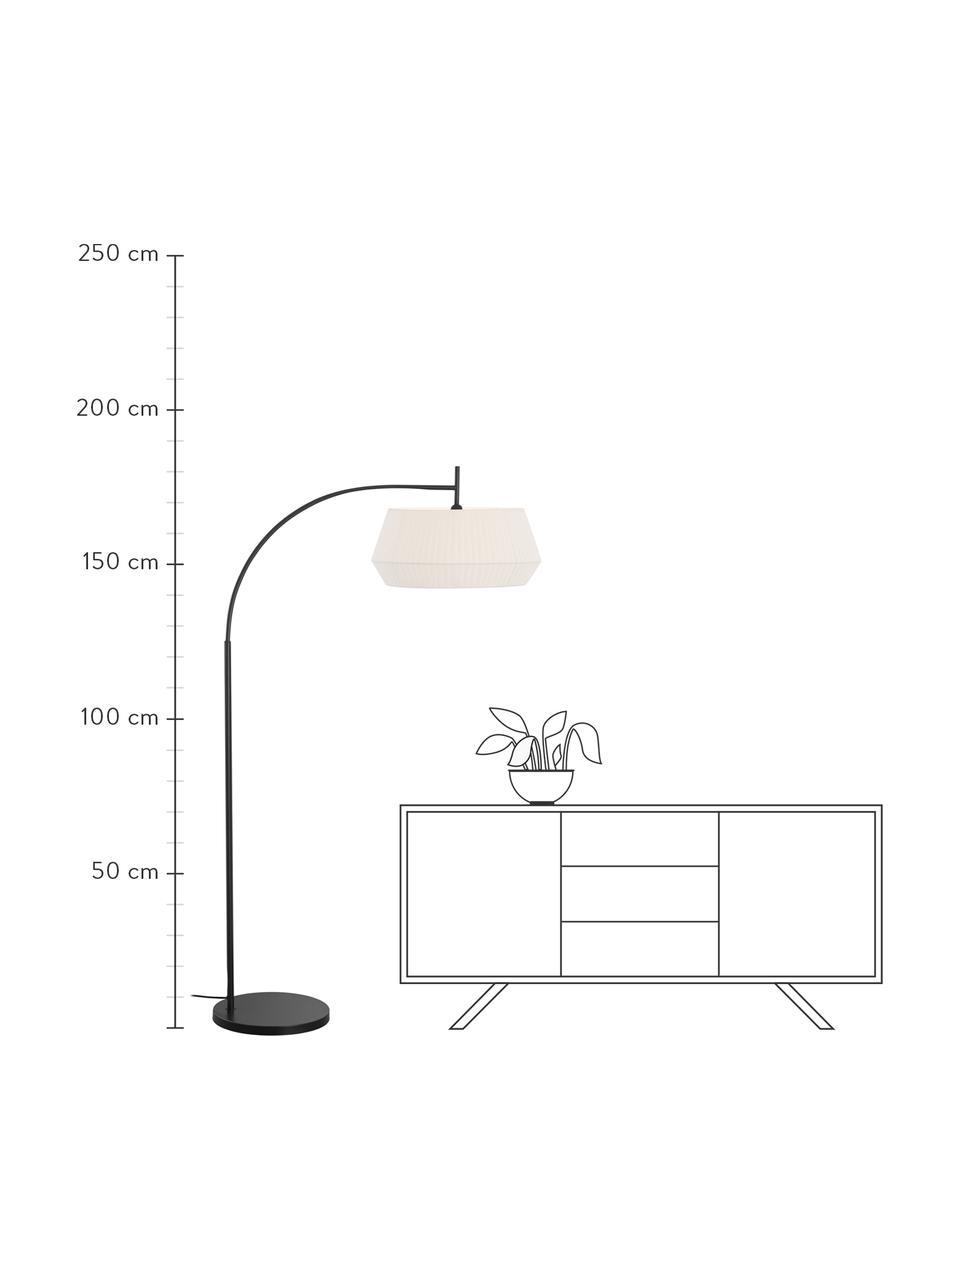 Große Bogenlampe Dicte aus Faltenstoff, Lampenschirm: Stoff, Lampenfuß: Metall, beschichtet, Weiß, Schwarz, 104 x 180 cm